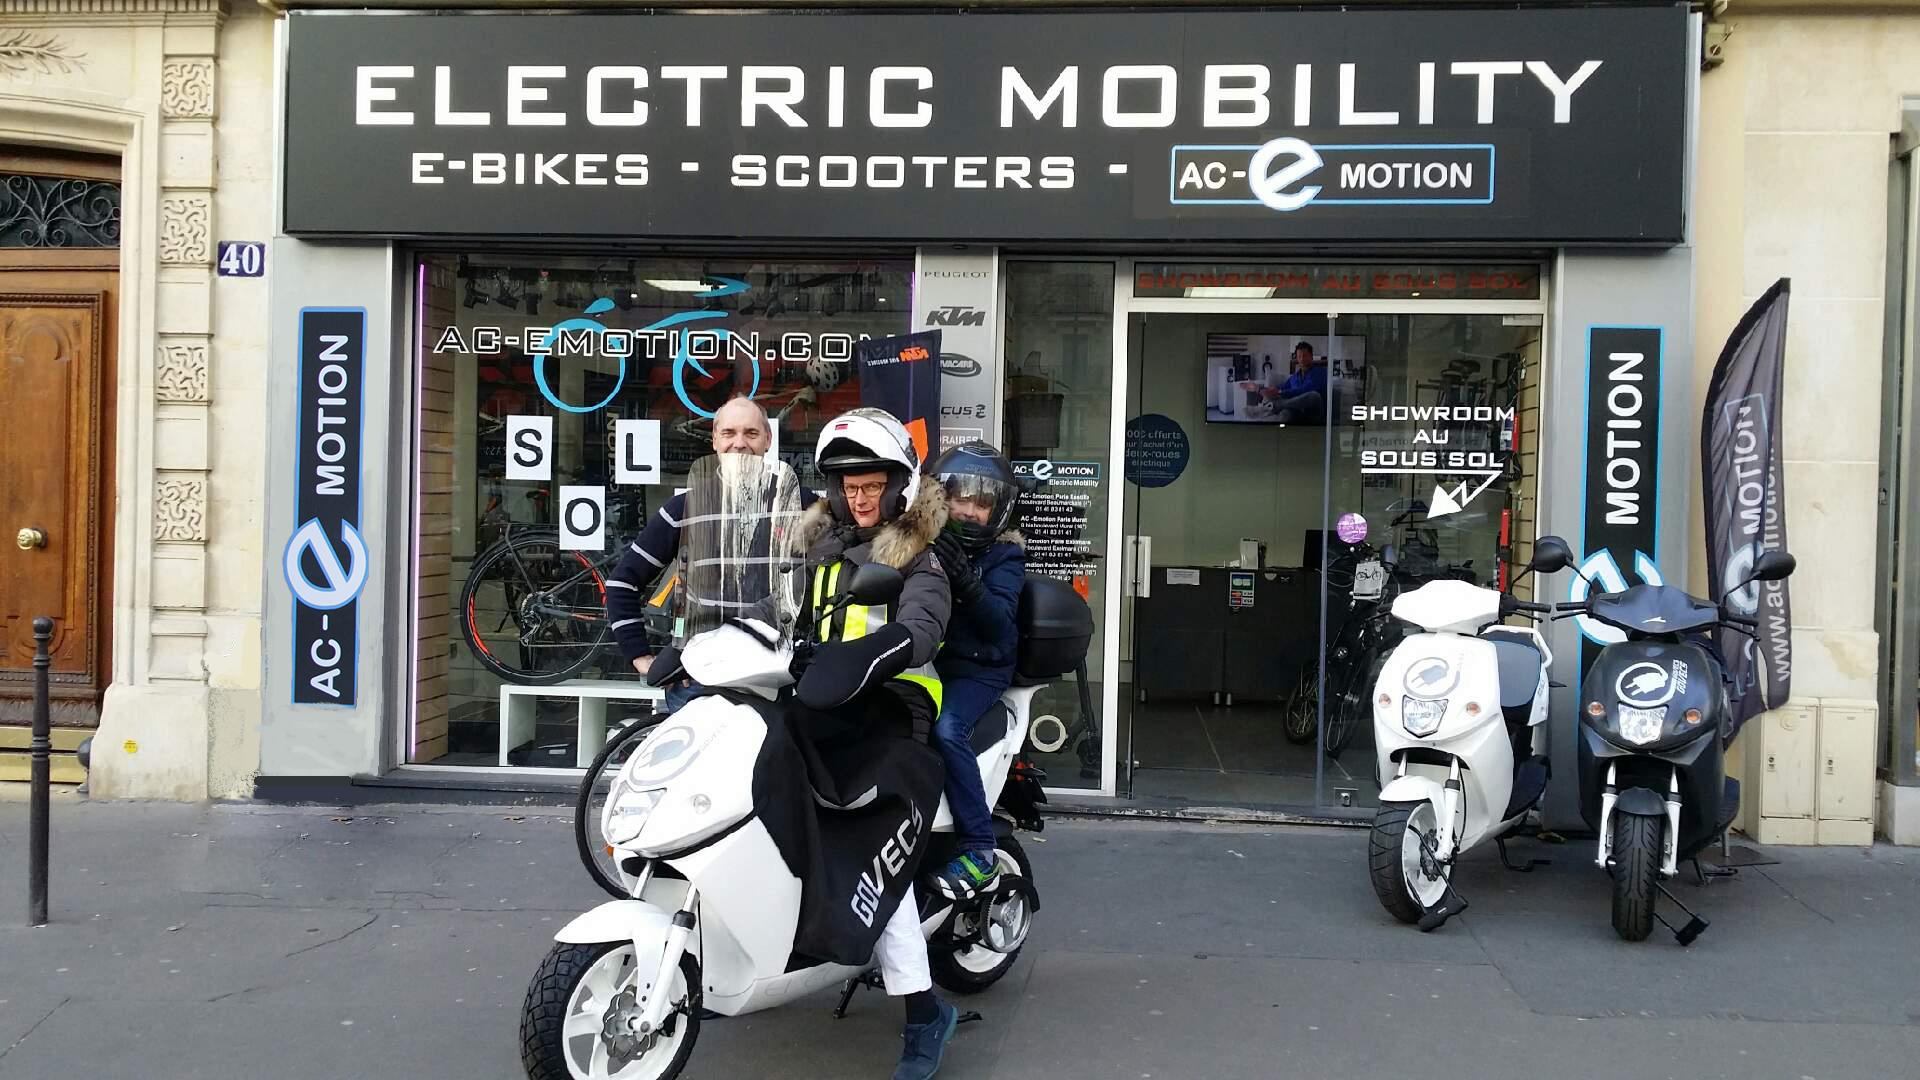 Lors de l'achat d'un scooter électrique Govecs, AC-Emotion vous indique les subventions disponibles pour réduire le prix de votre nouveau véhicule